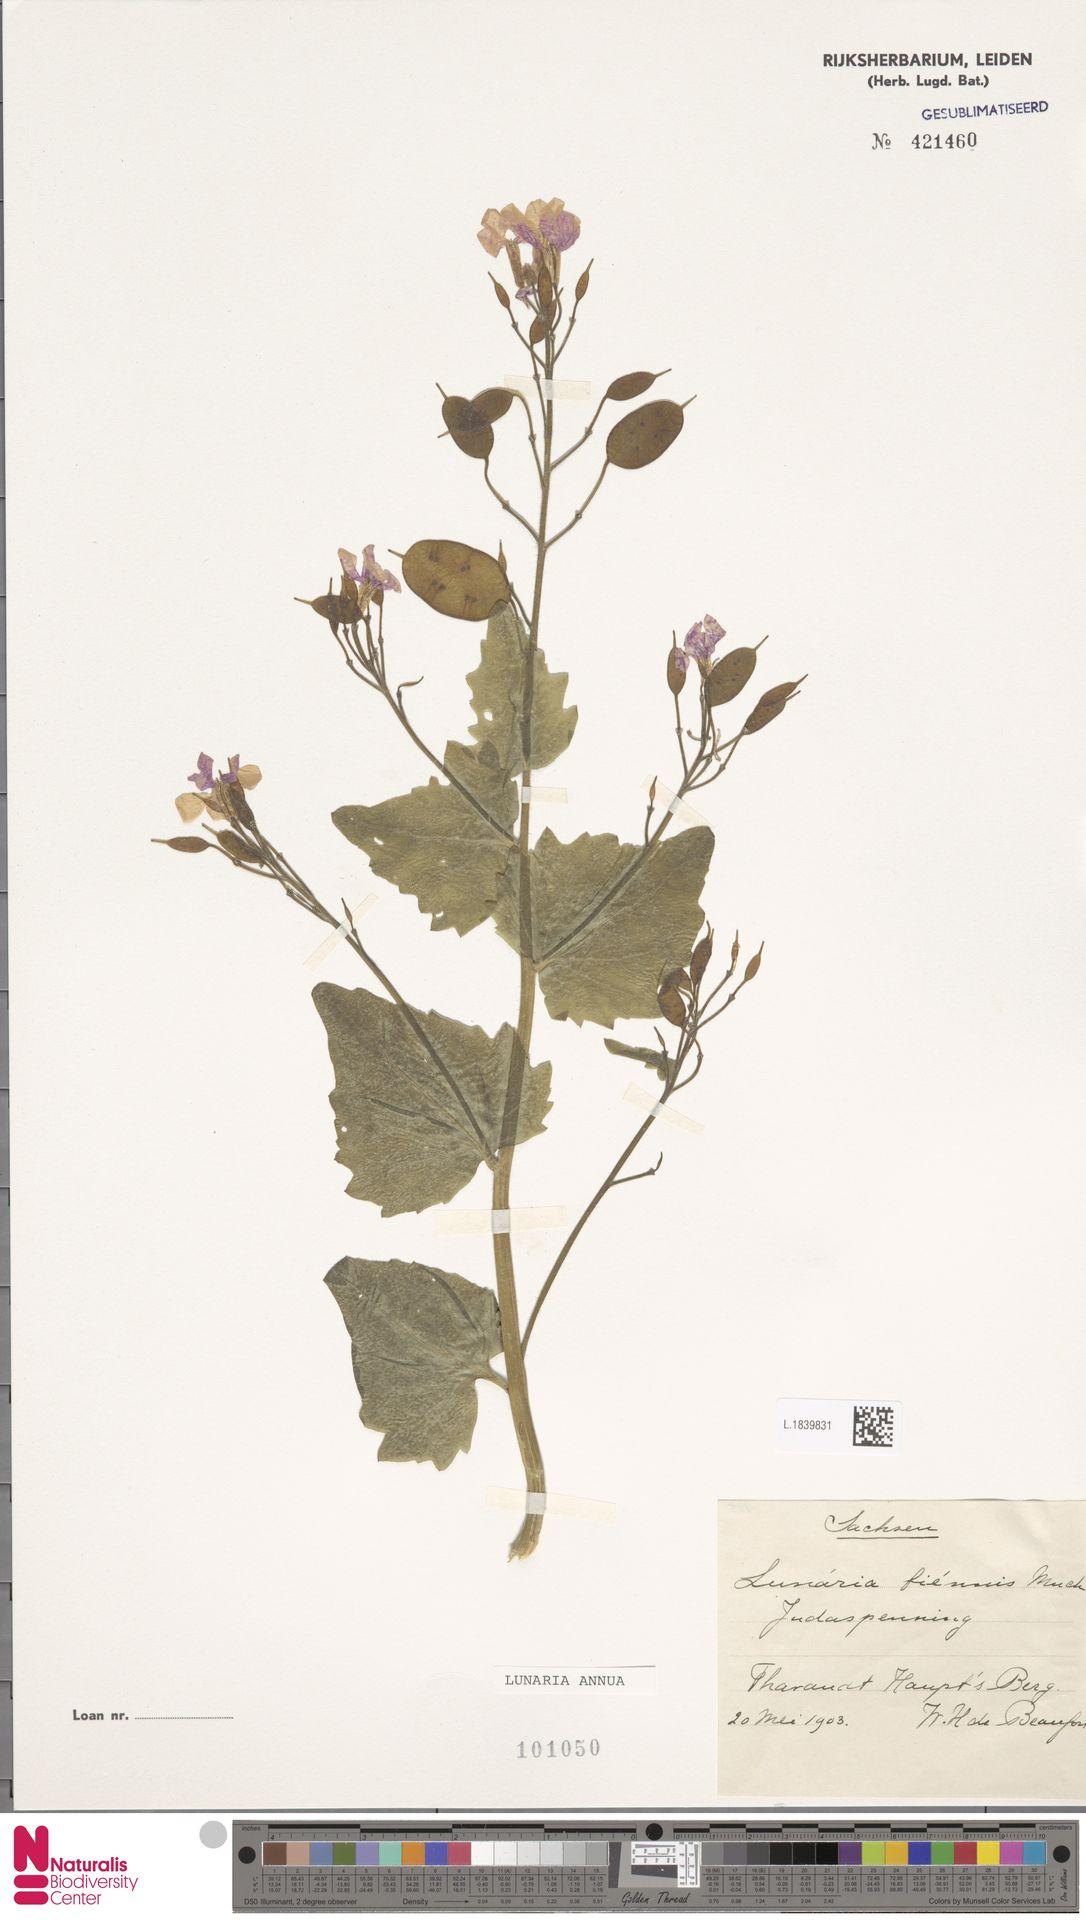 L.1839831   Lunaria annua L.